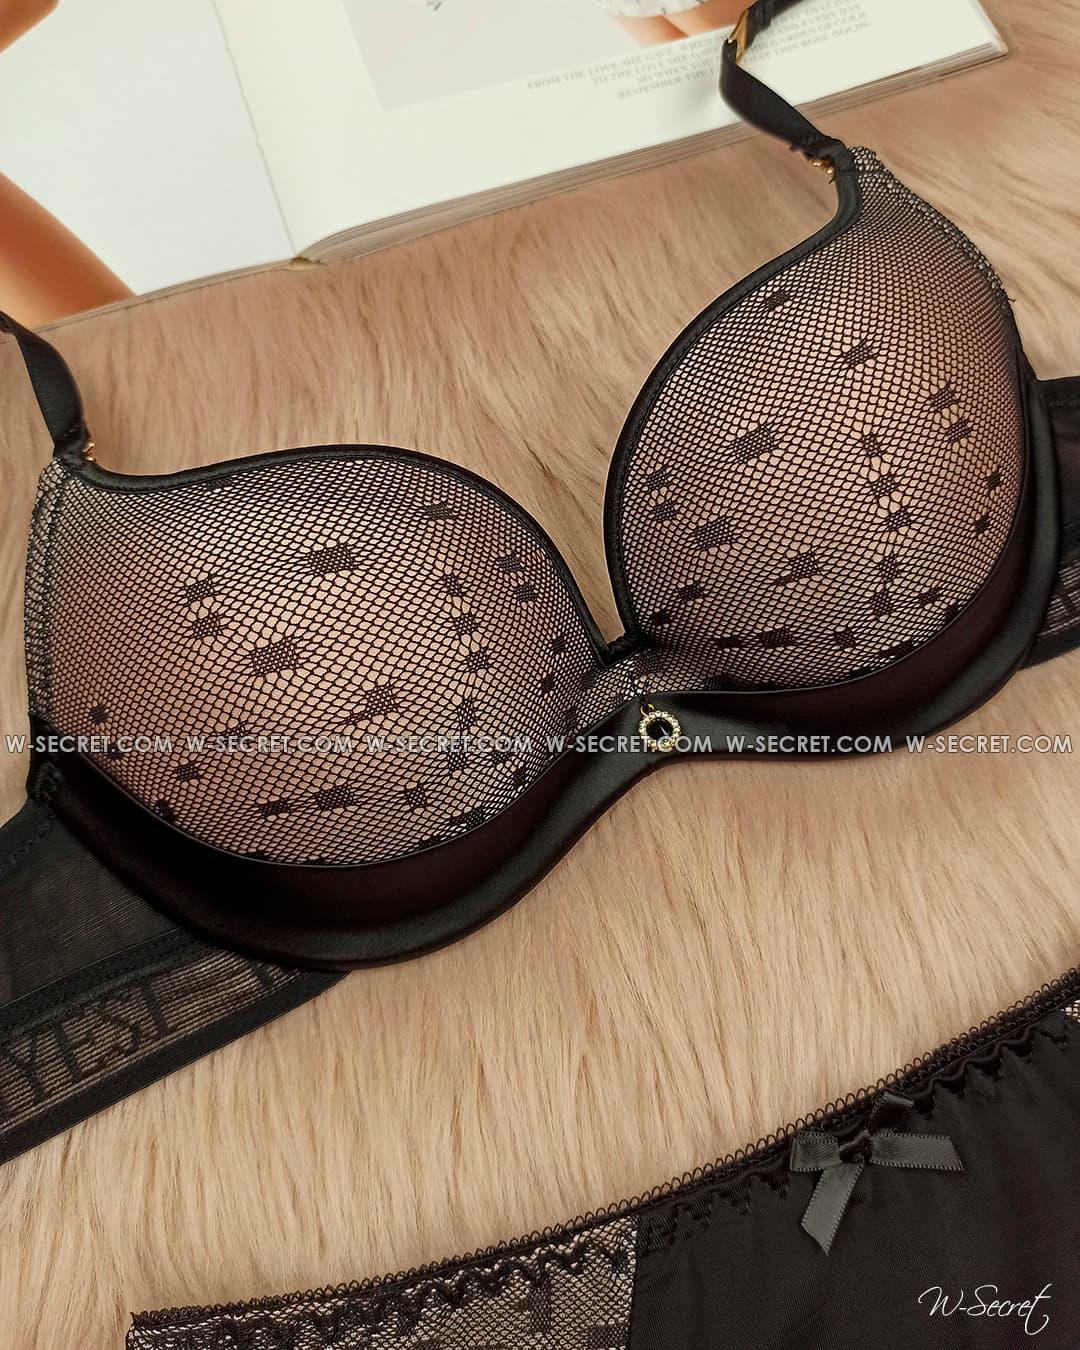 Weiyesi 2123 B Черно-бежевый комплект нижнего белья